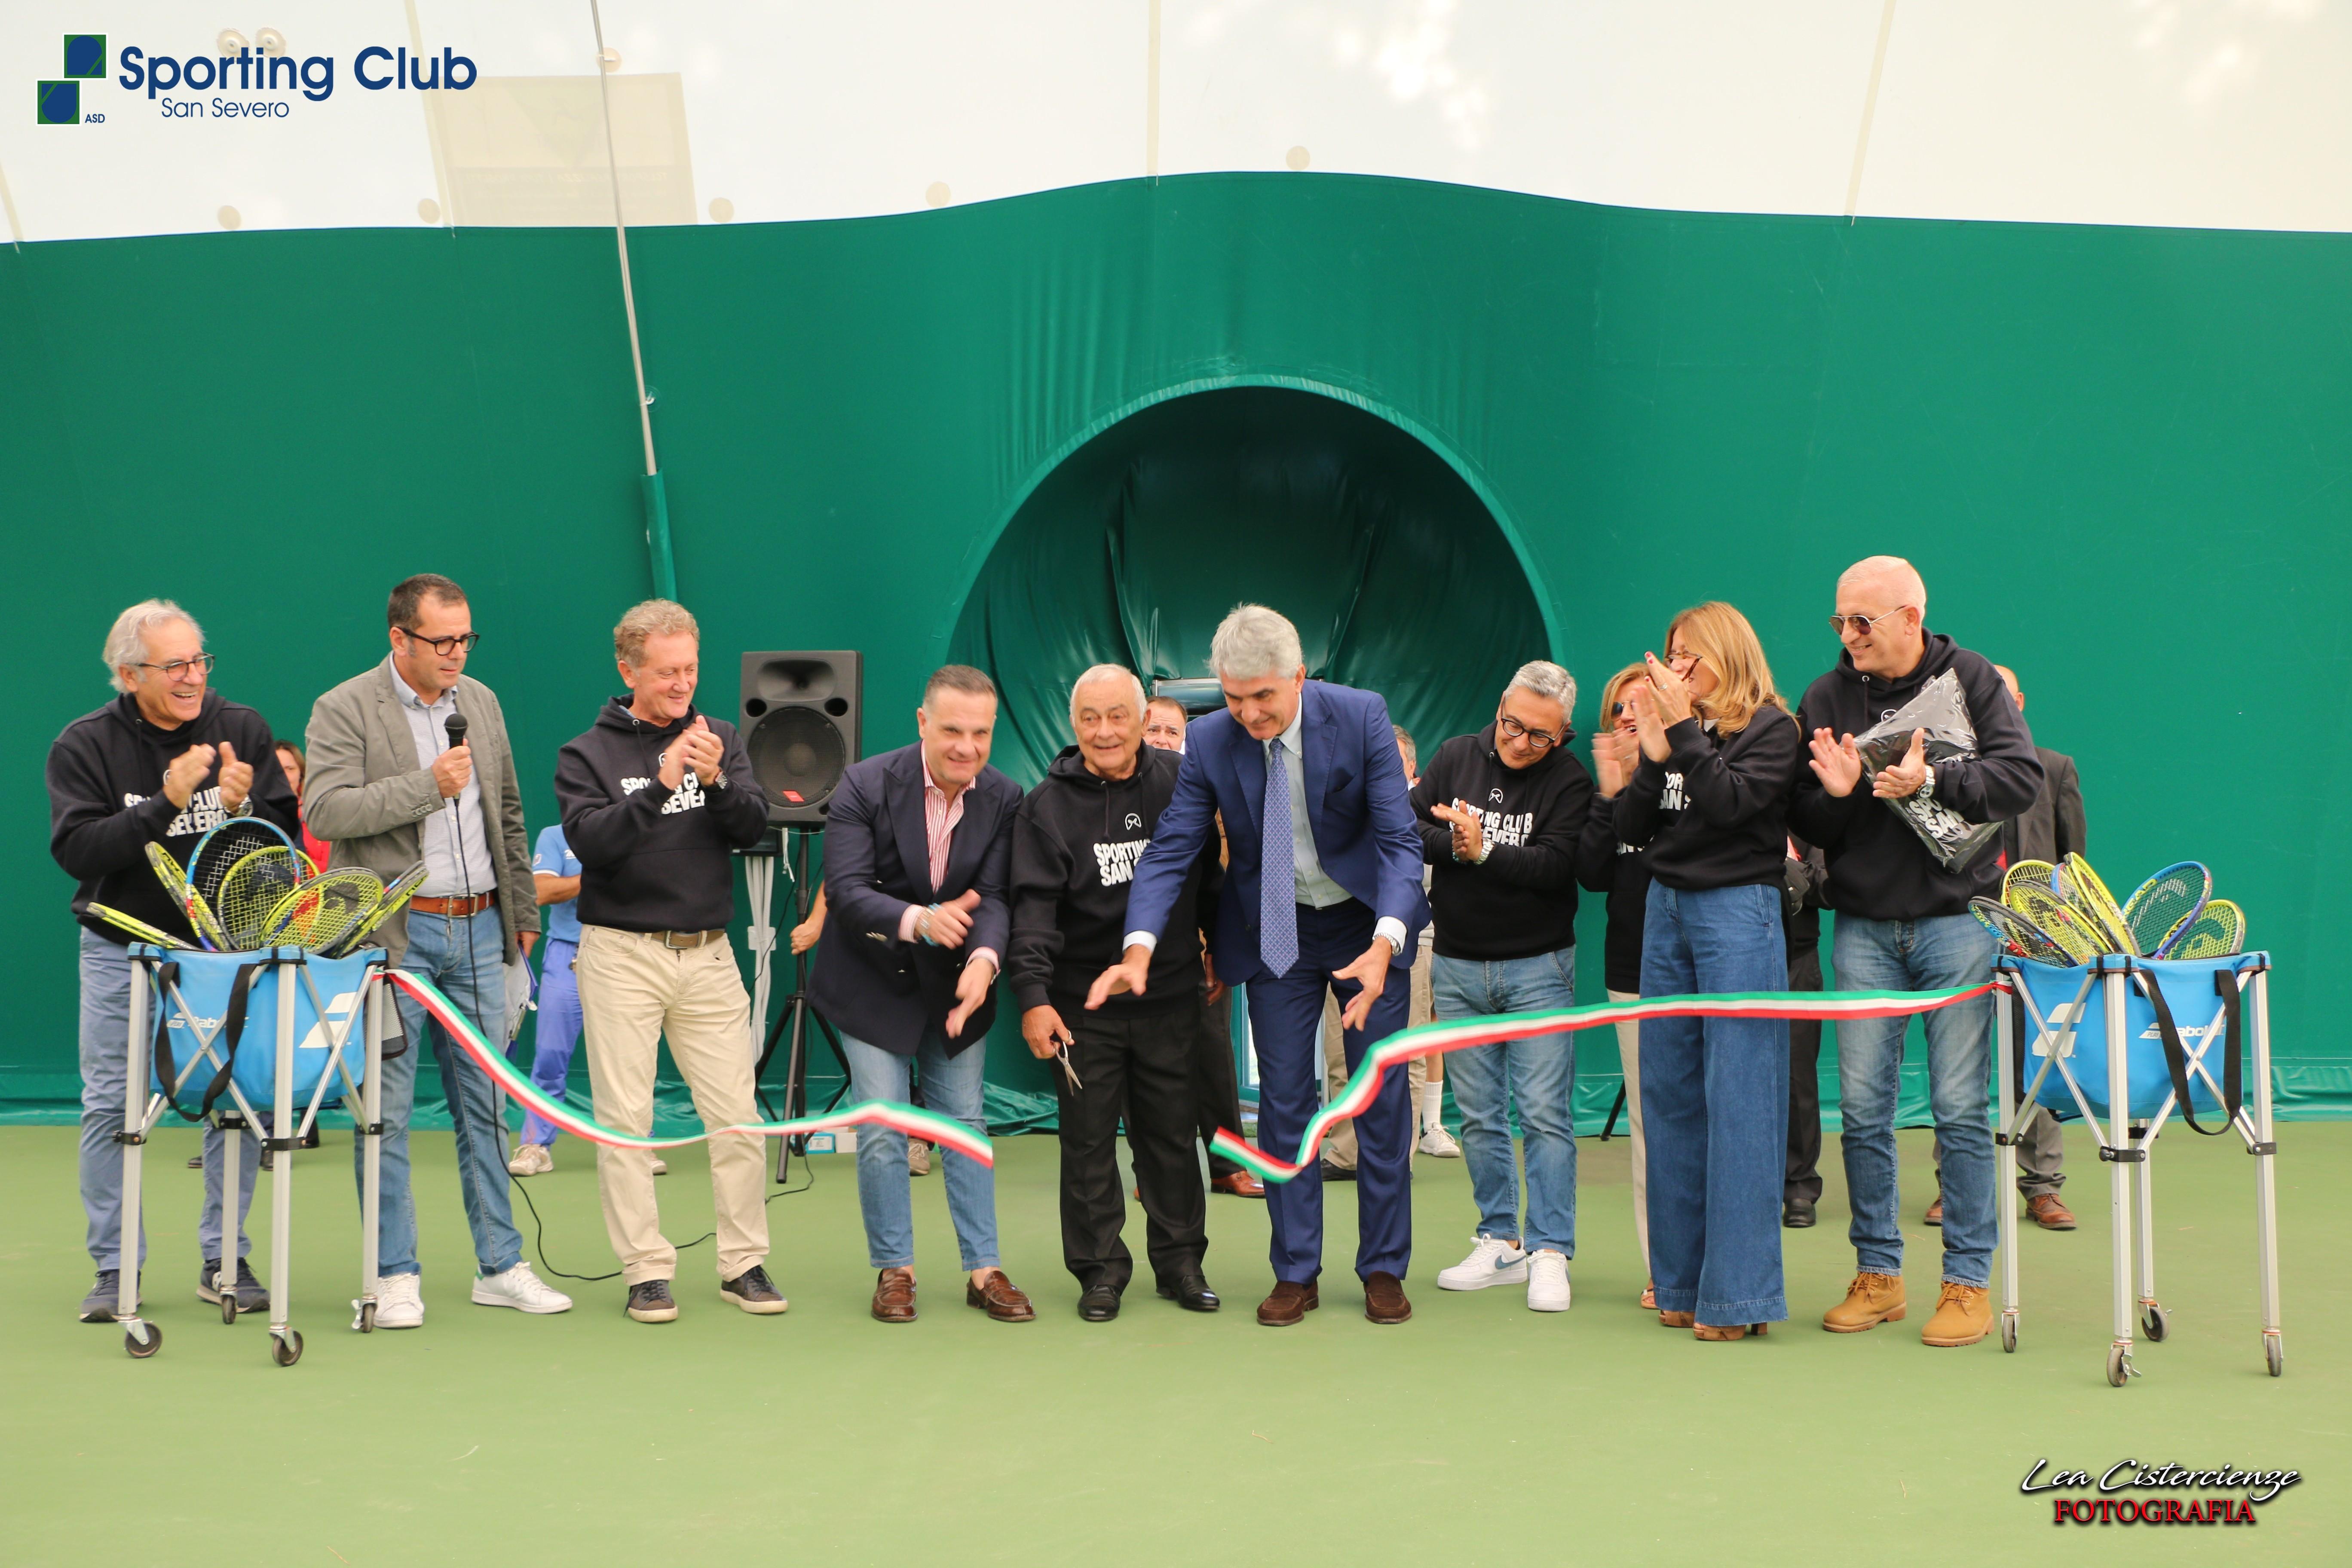 Photo of TENNIS – INNAUGURATA LA COPERTURA PRESSOSTATICA DEI CAMPI DELLO SPORTING CLUB SAN SEVERO